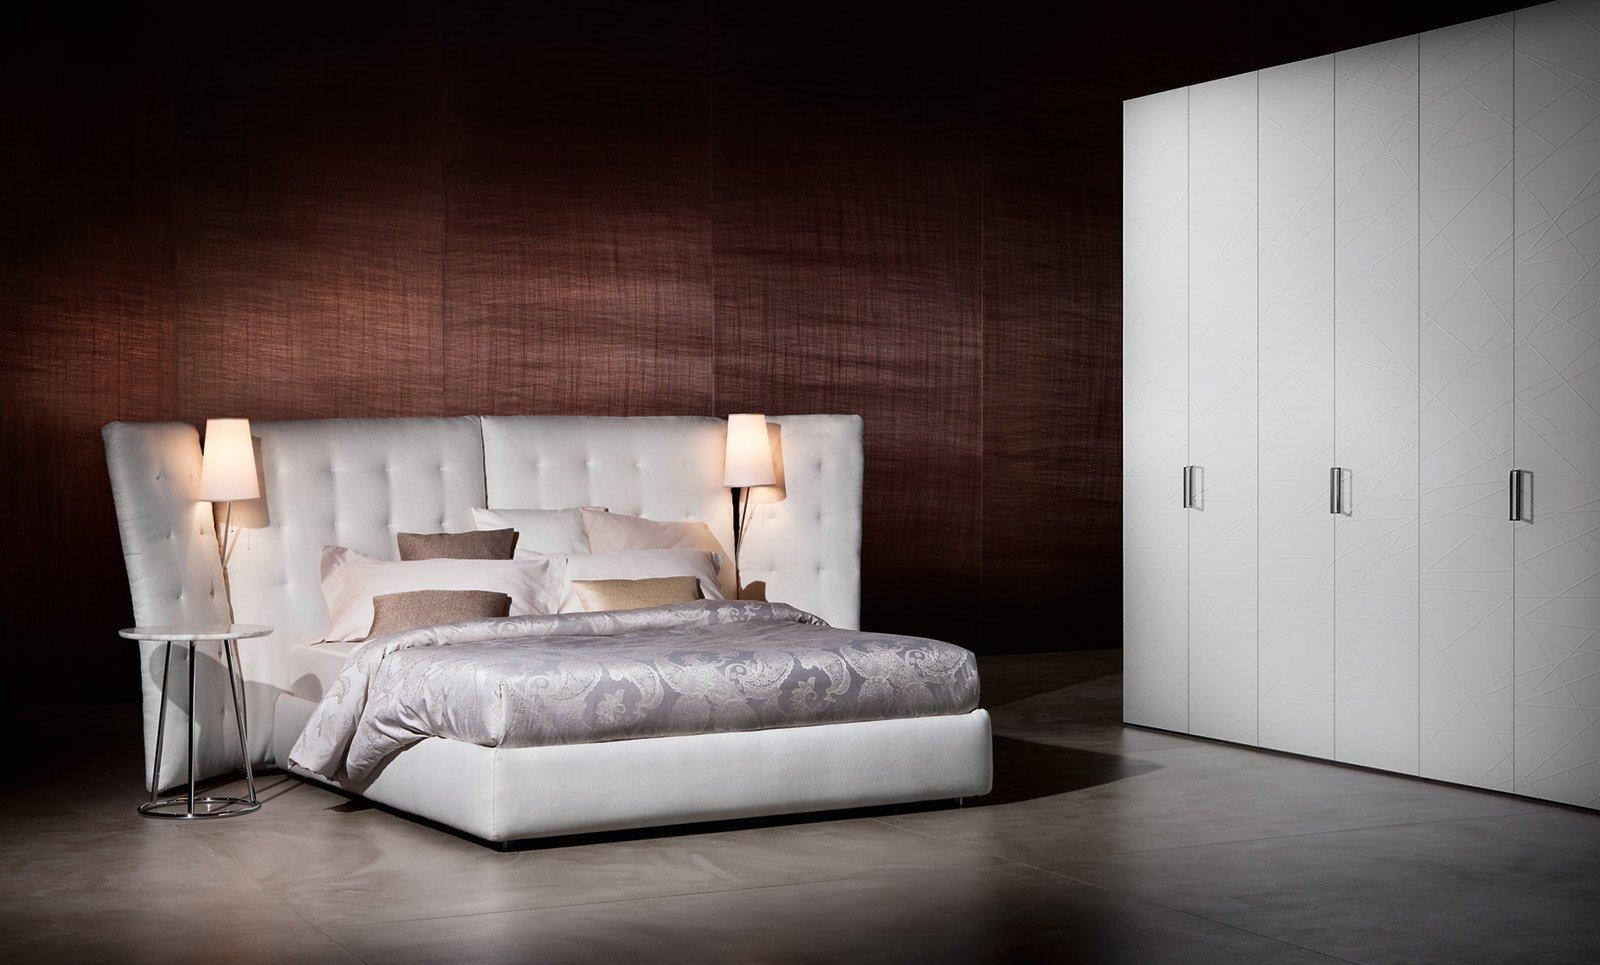 Capitonn letti imbottiti moderni cose di casa - Rivestimento testata letto ...